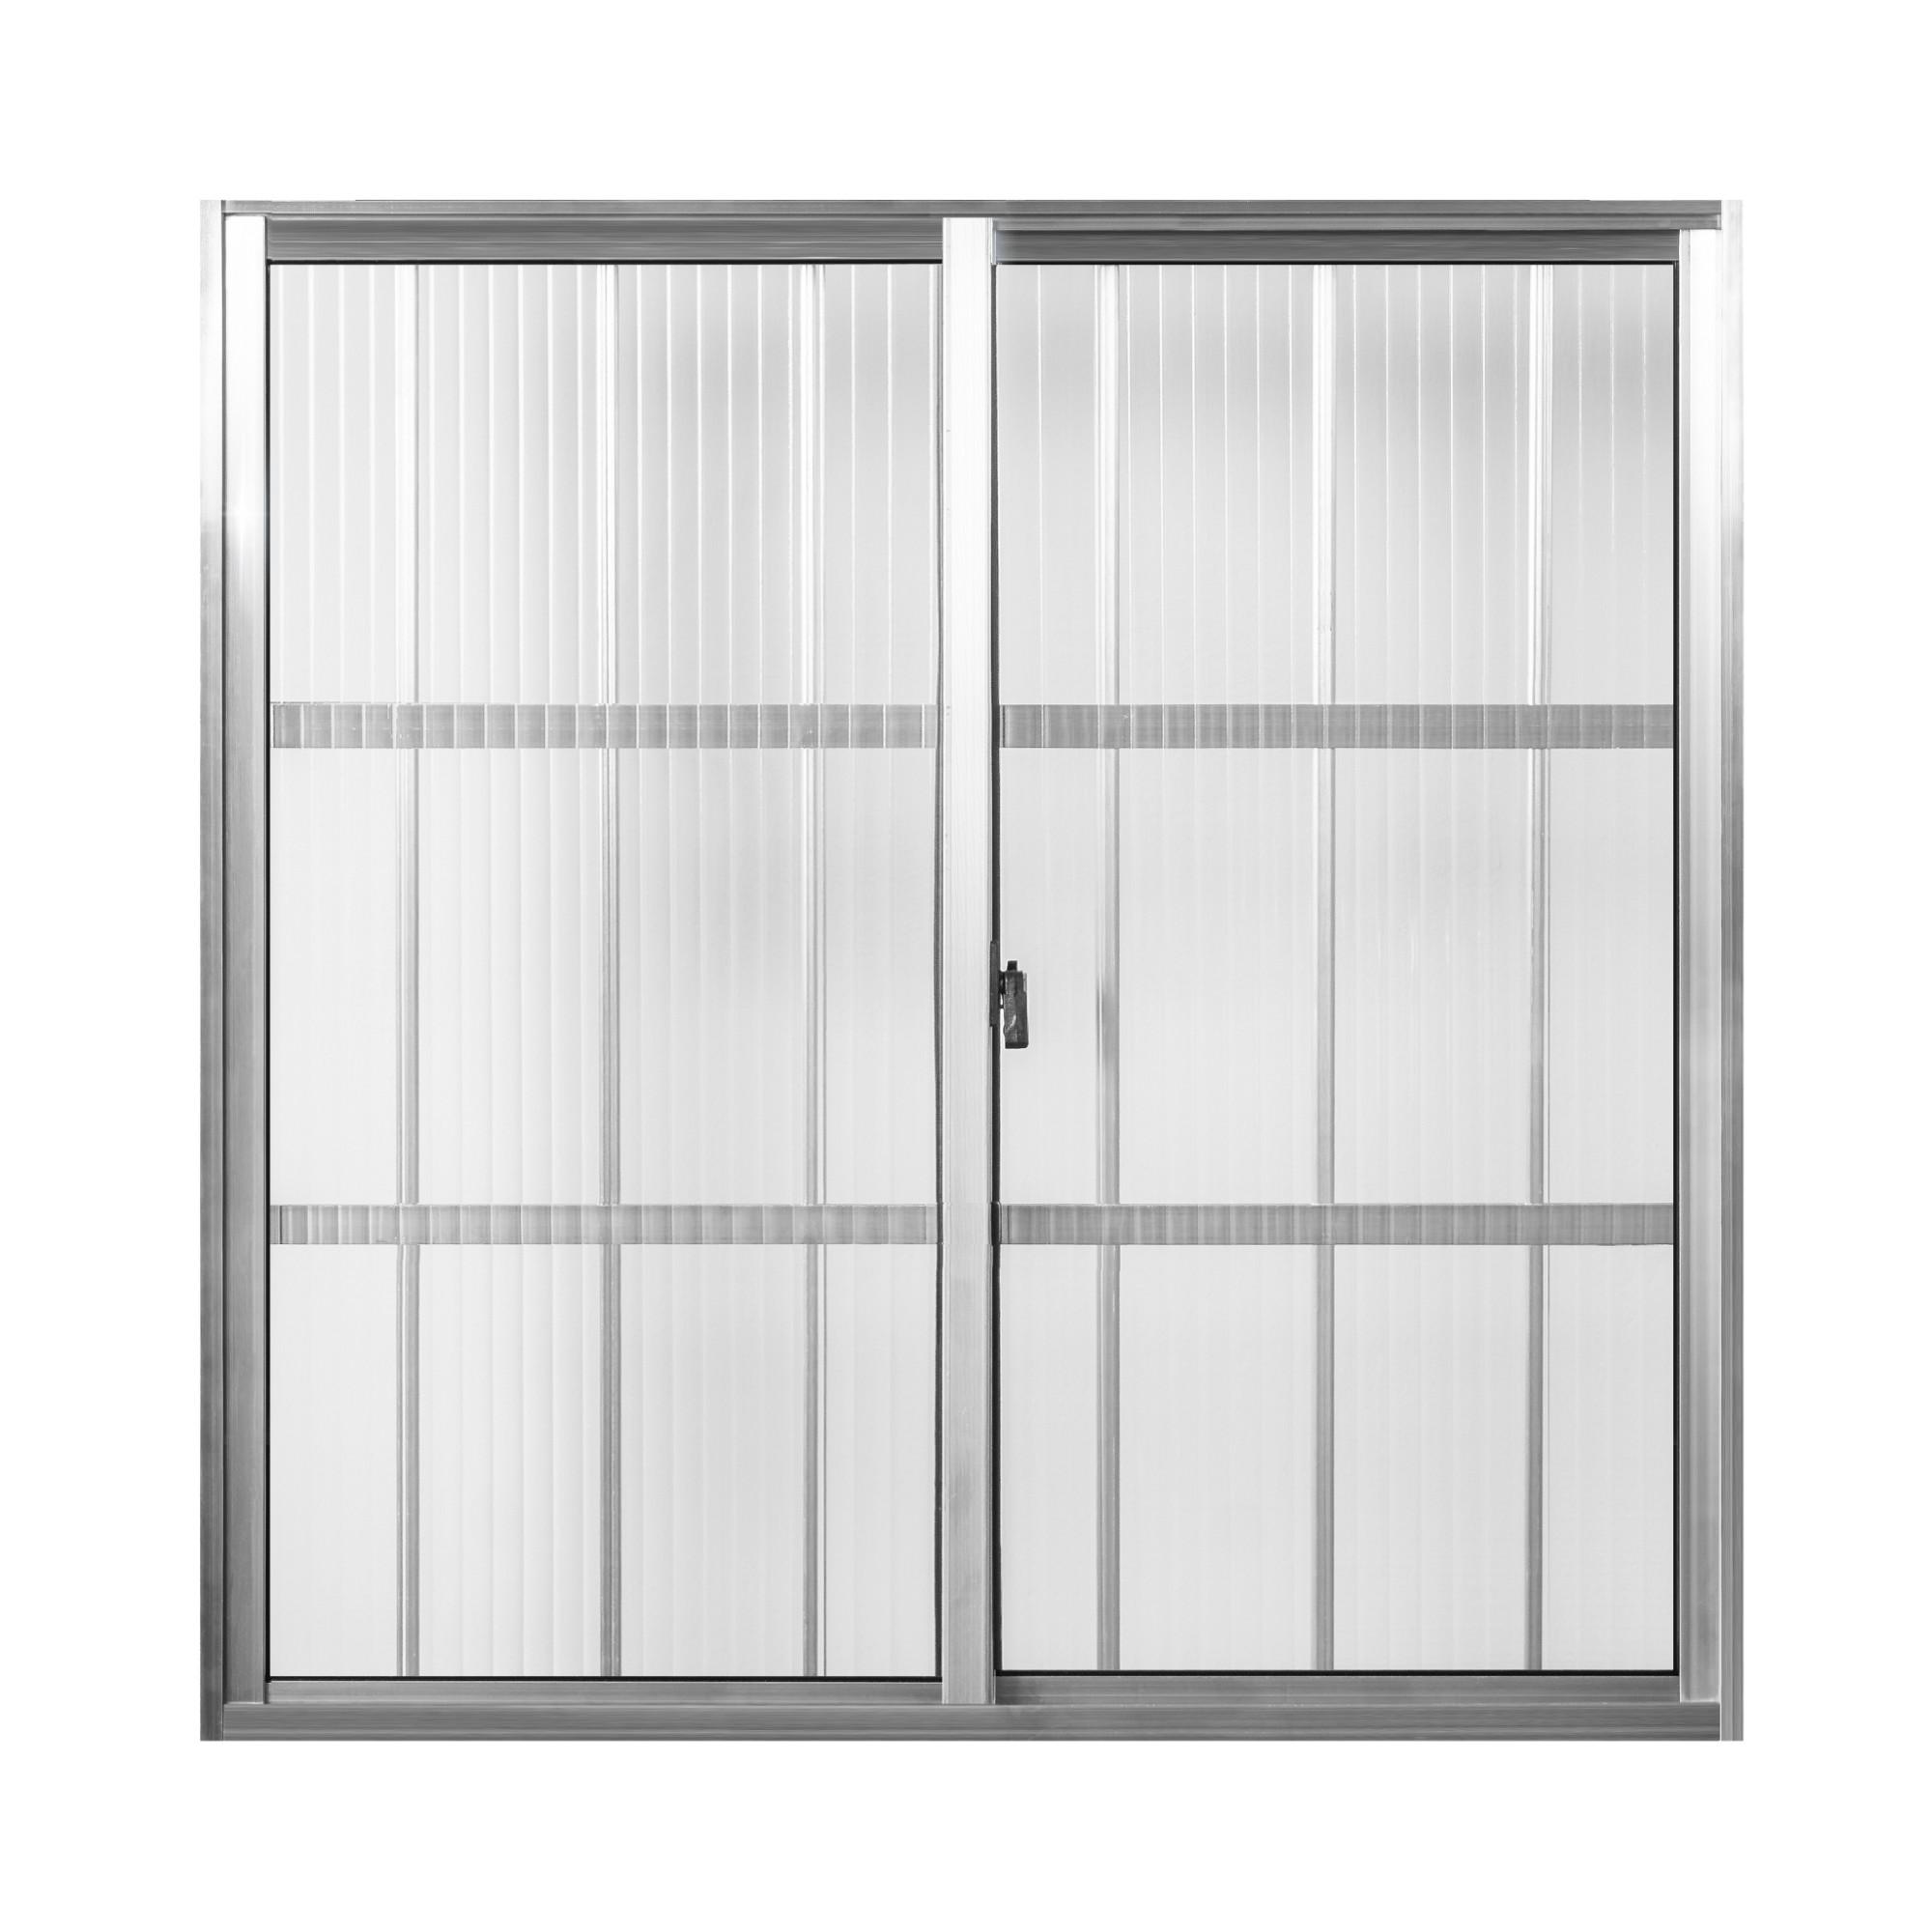 Janela de Correr de Aluminio 2 Folhas com Grade 100x100 cm Tropical - Aluvid